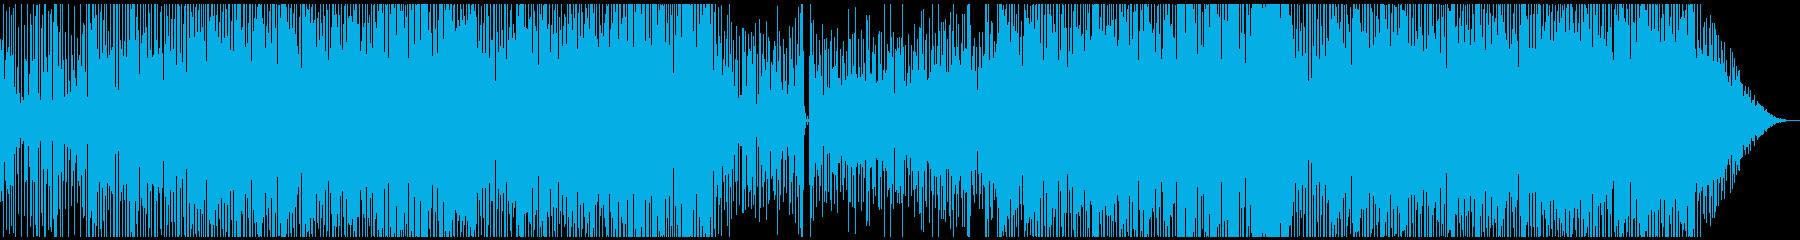 サックスの洗練されたファンクサウンドの再生済みの波形